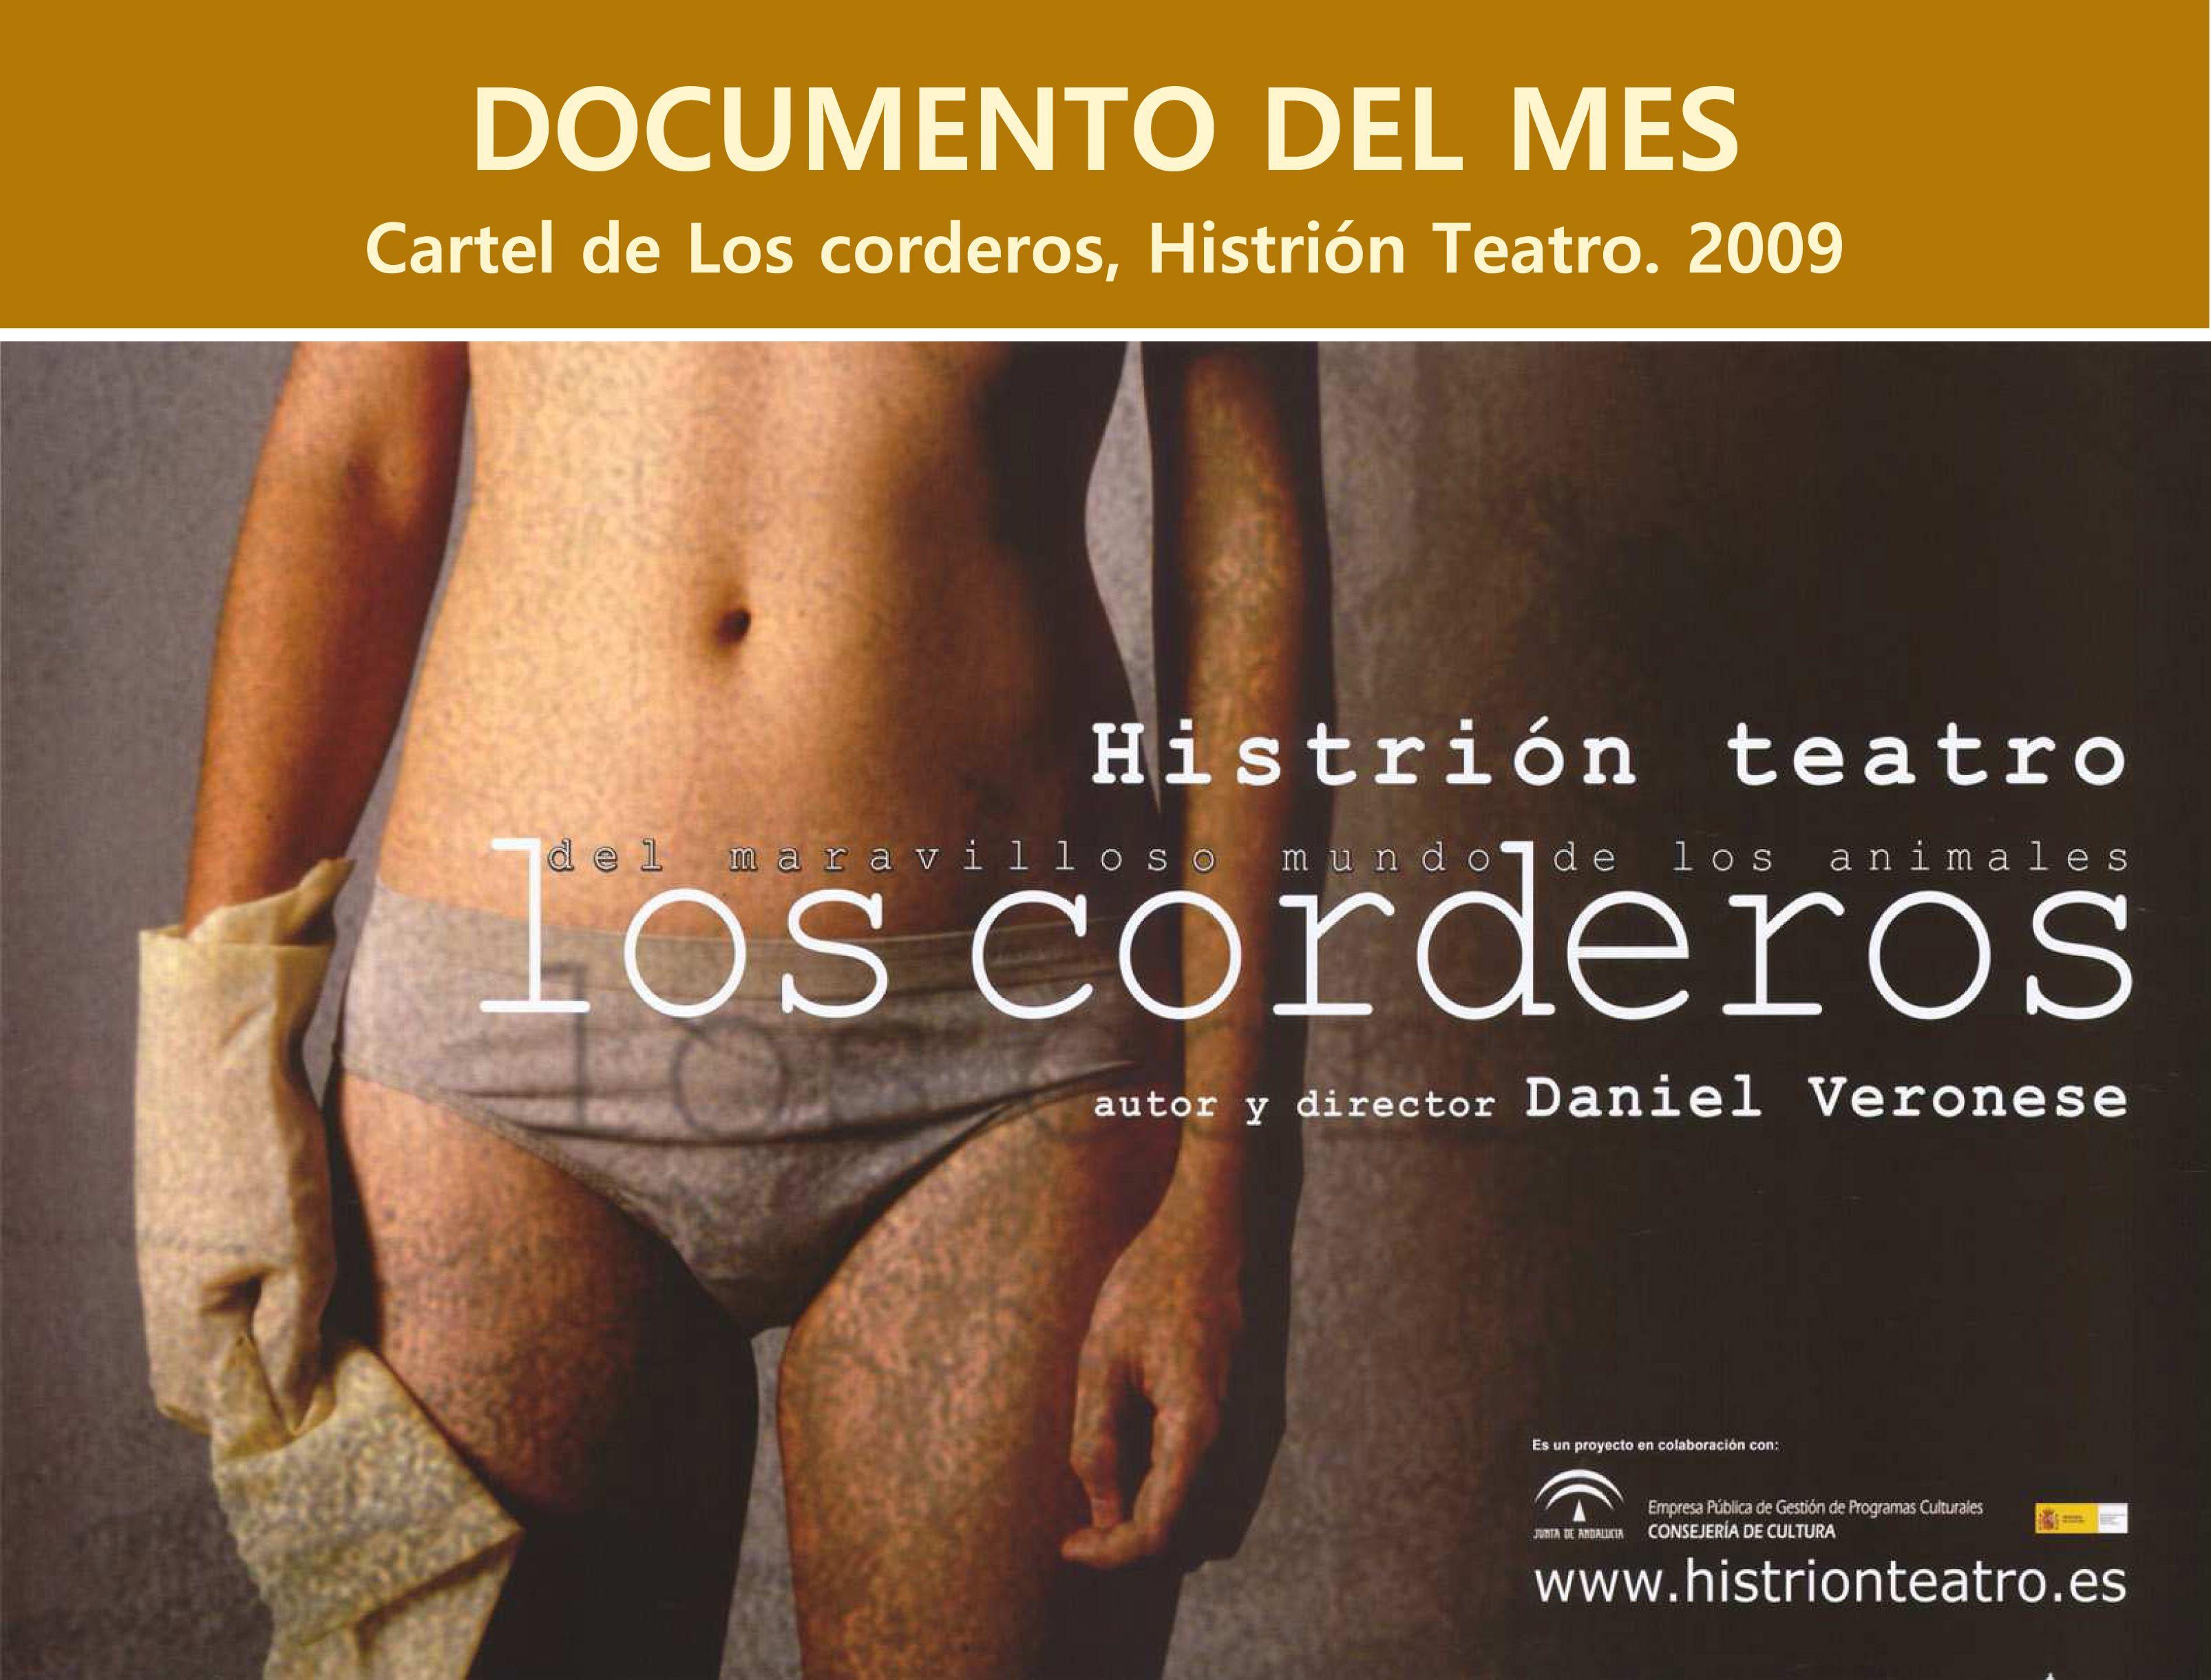 Cartel de Los corderos, Histrión Teatro. 2009